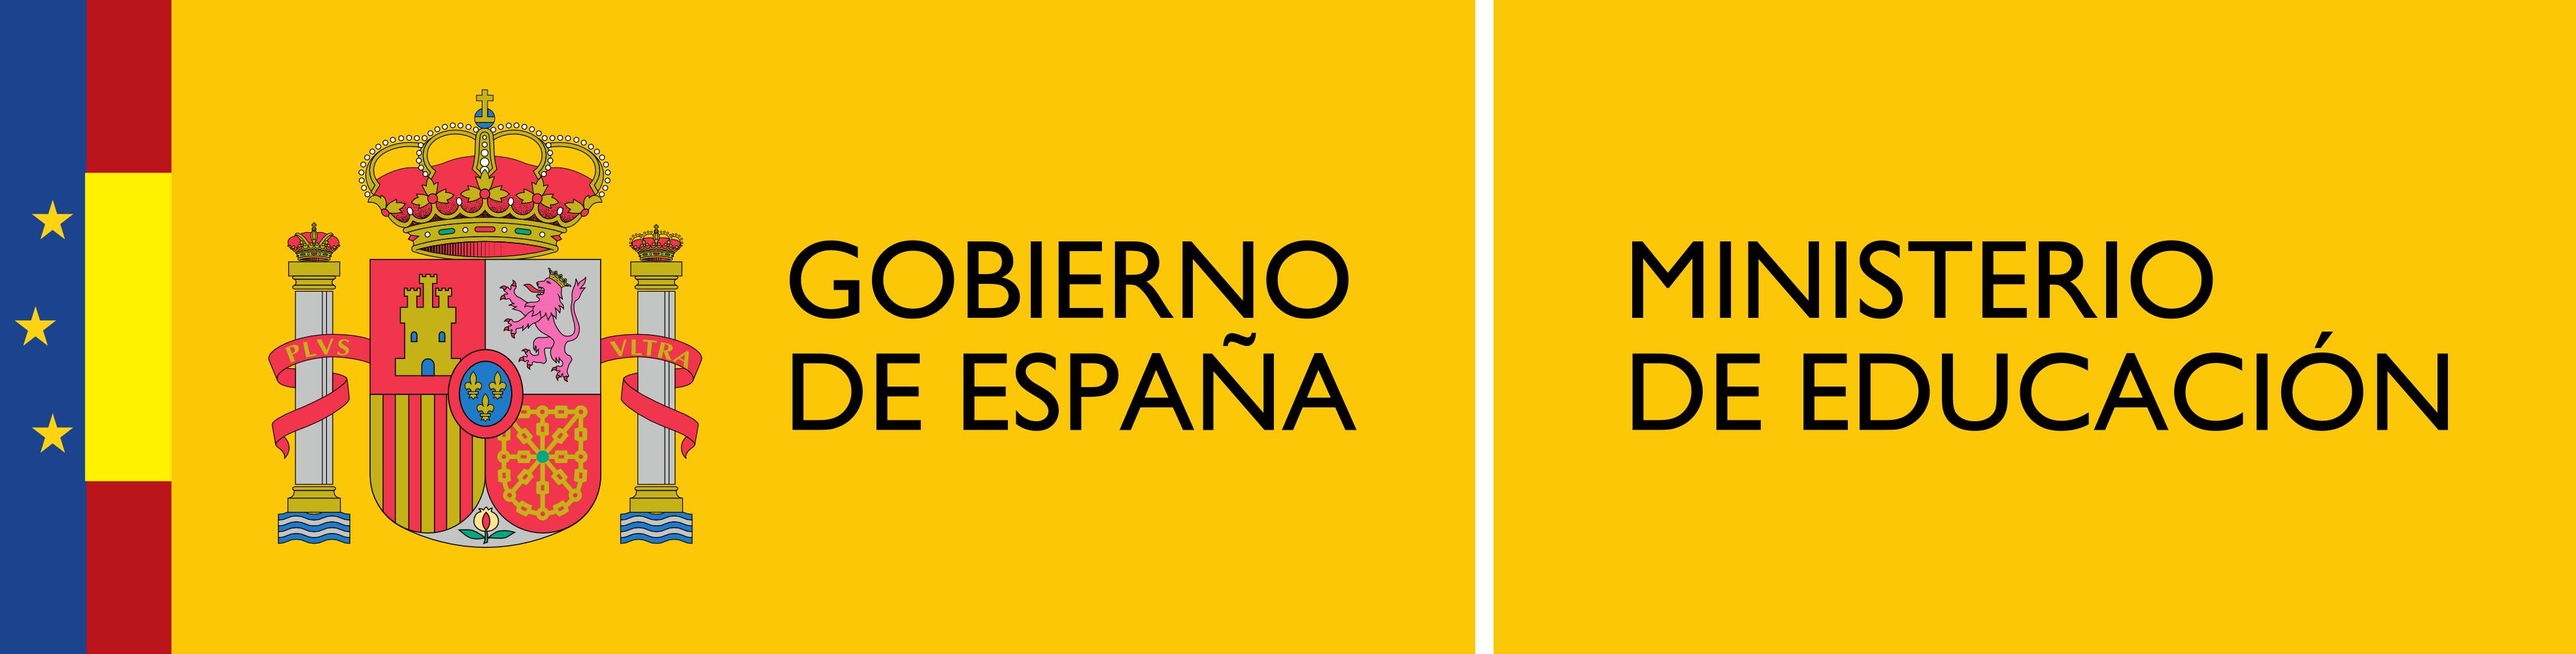 File logotipo del ministerio de educaci wikimedia for Ministerio educacion exterior